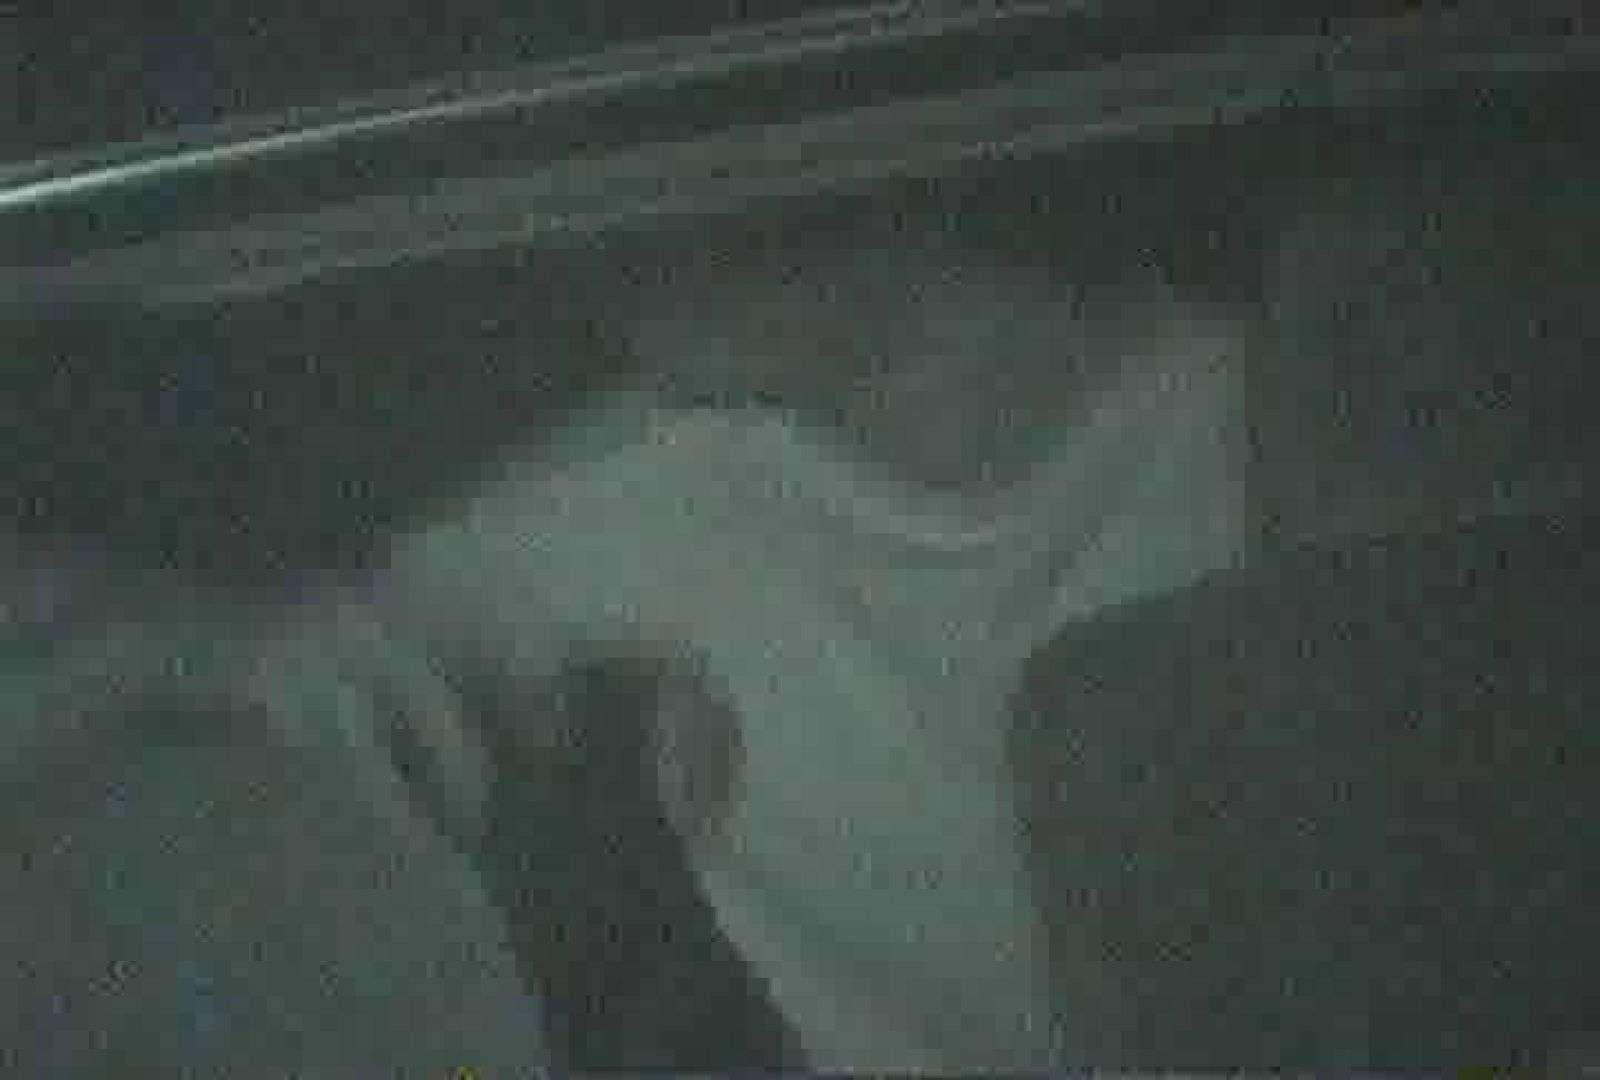 充血監督の深夜の運動会Vol.56 エロティックなOL 盗撮動画紹介 103画像 44